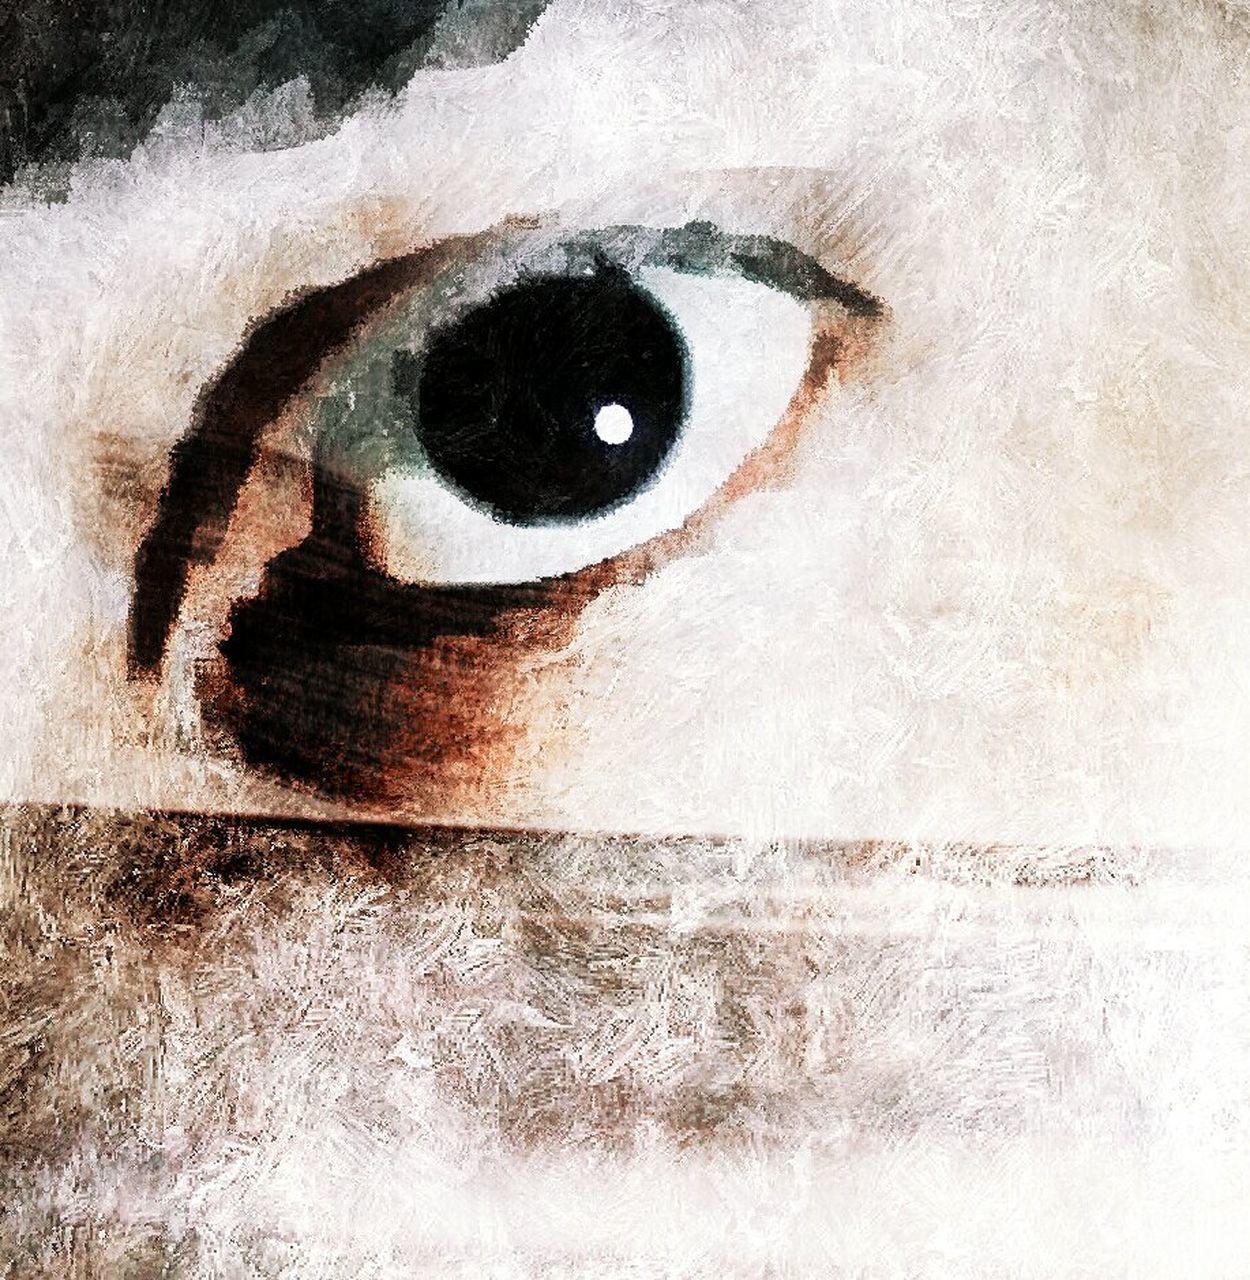 human eye, looking at camera, human body part, close-up, portrait, eyeball, indoors, day, animal themes, eyelash, mammal, people